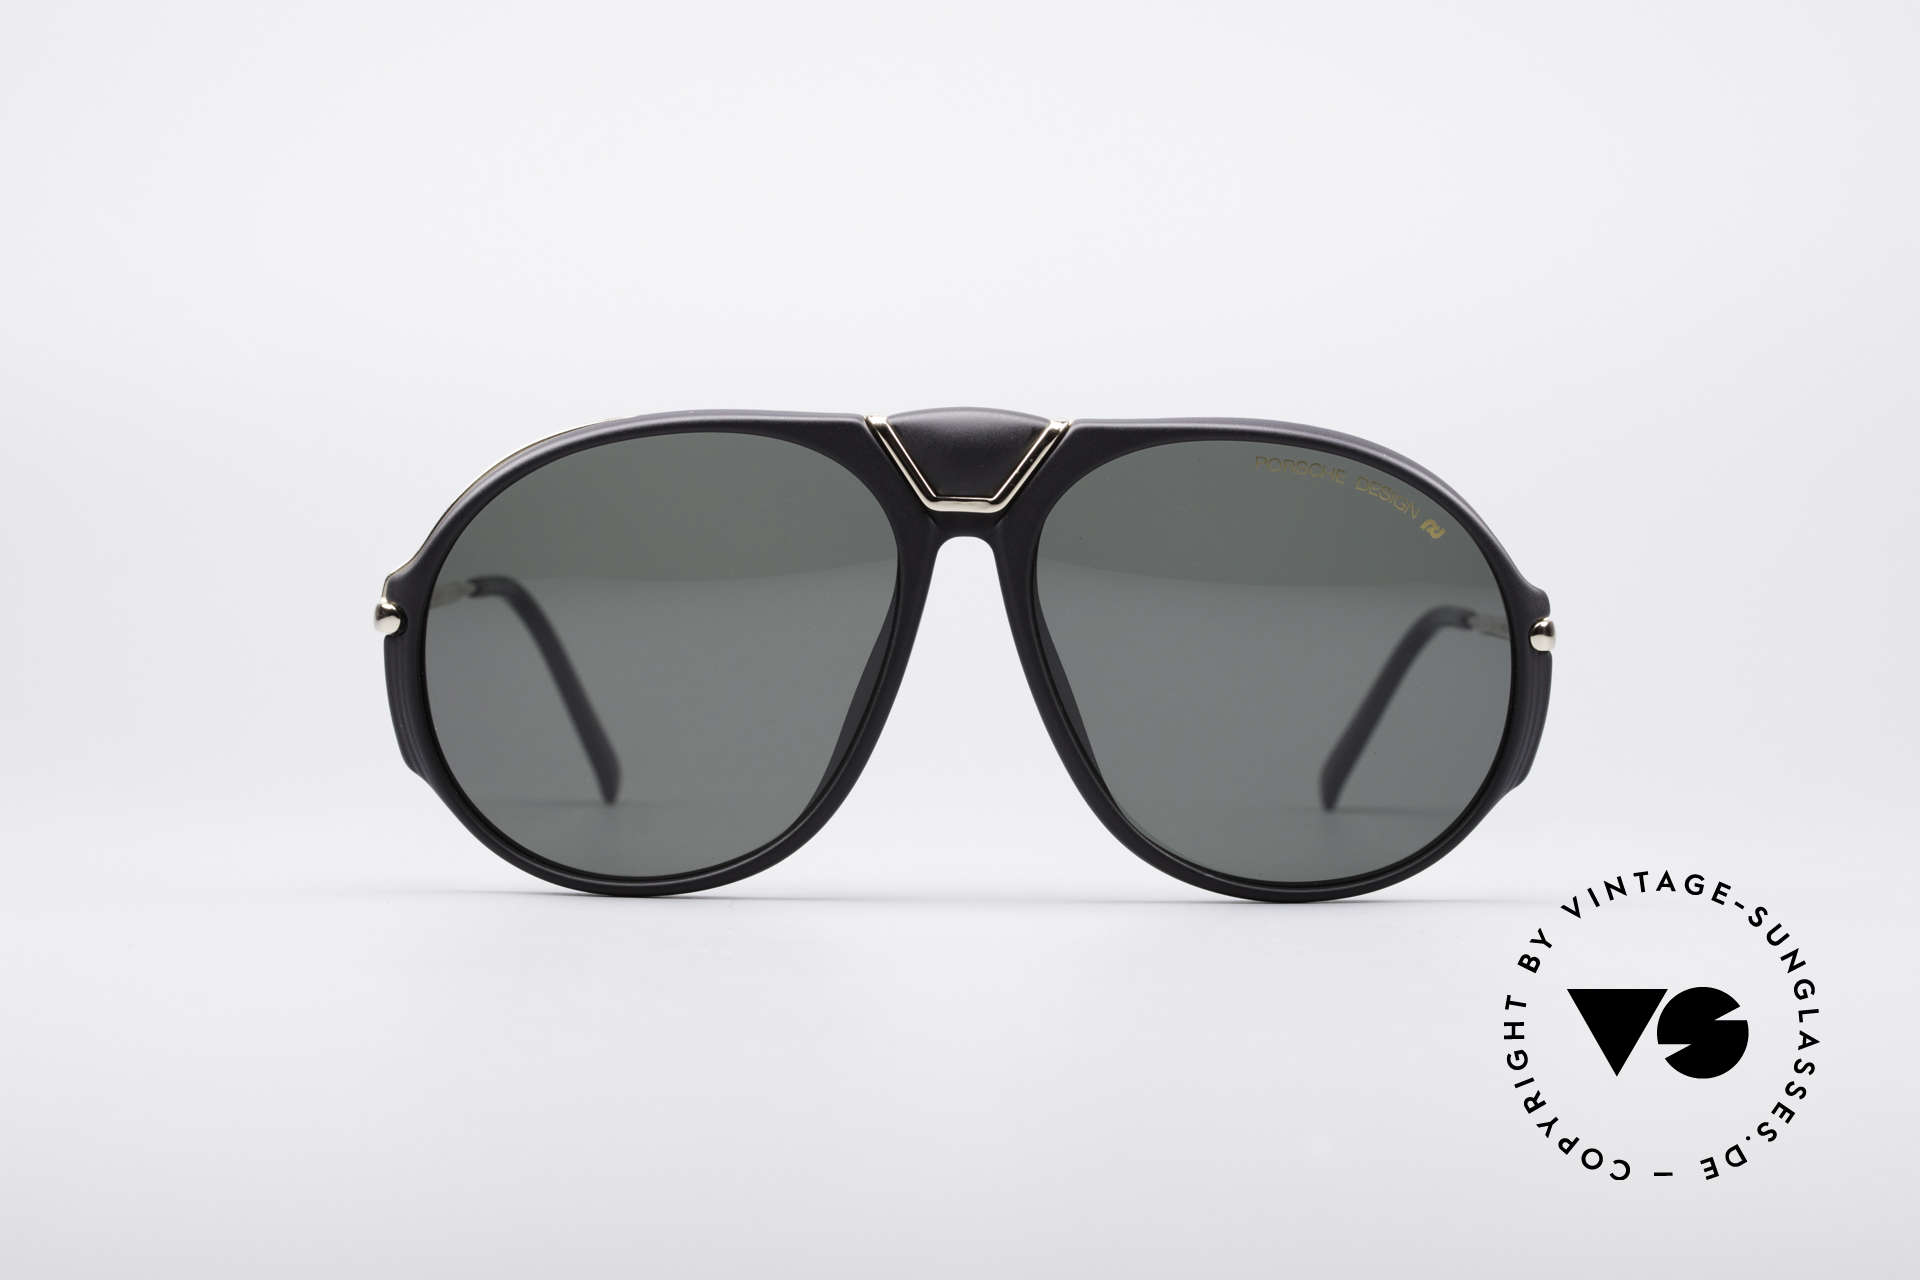 Porsche 5659 90er Wechselbrille Small, tolles 90er Brillen-Modell mit auswechselbaren Gläsern, Passend für Herren und Damen